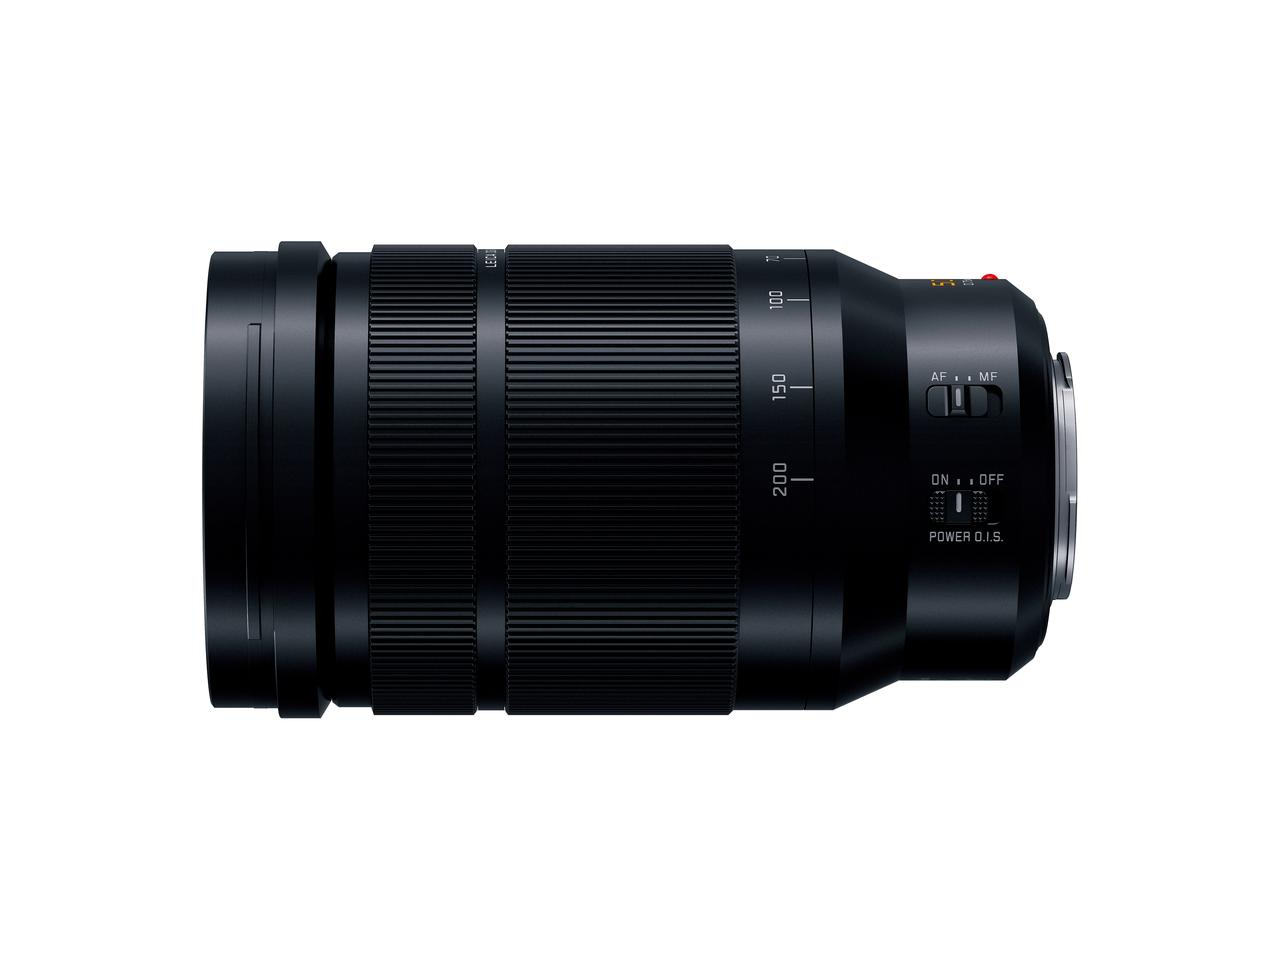 画像: 35mm判換算で100-400mm相当の画角、しかも大口径F2.8-4.0!